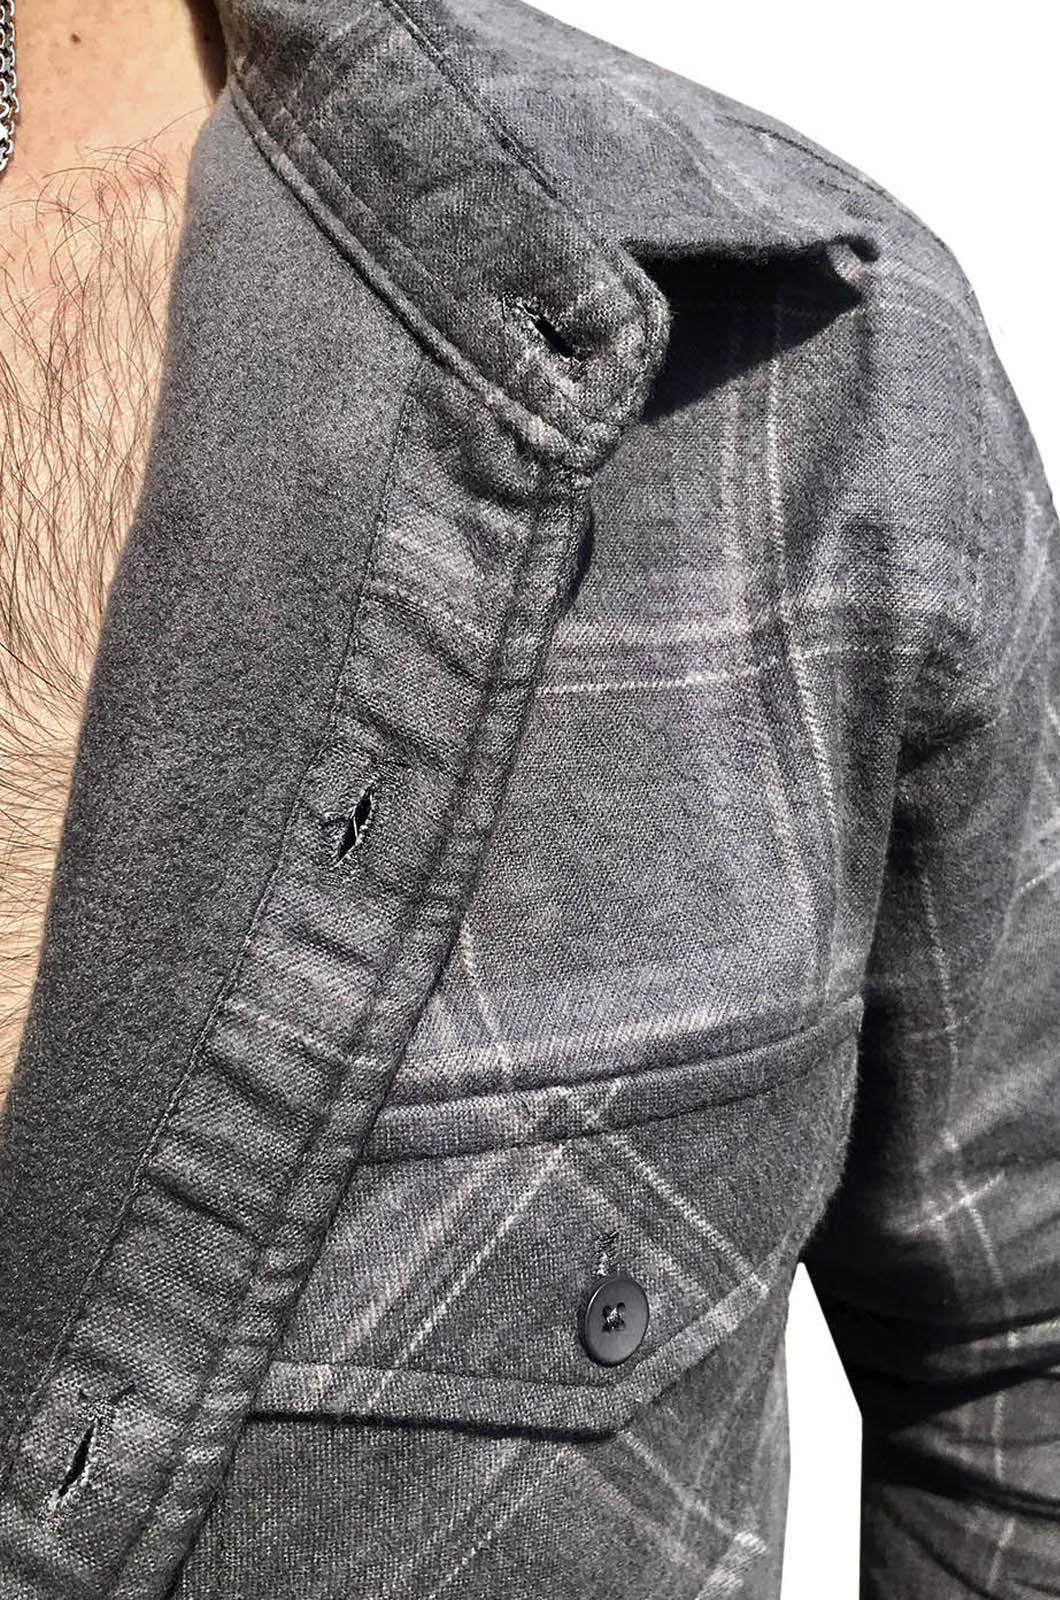 Надежная рубашка с вышитым пиратским шевроном - купить по низкой цене